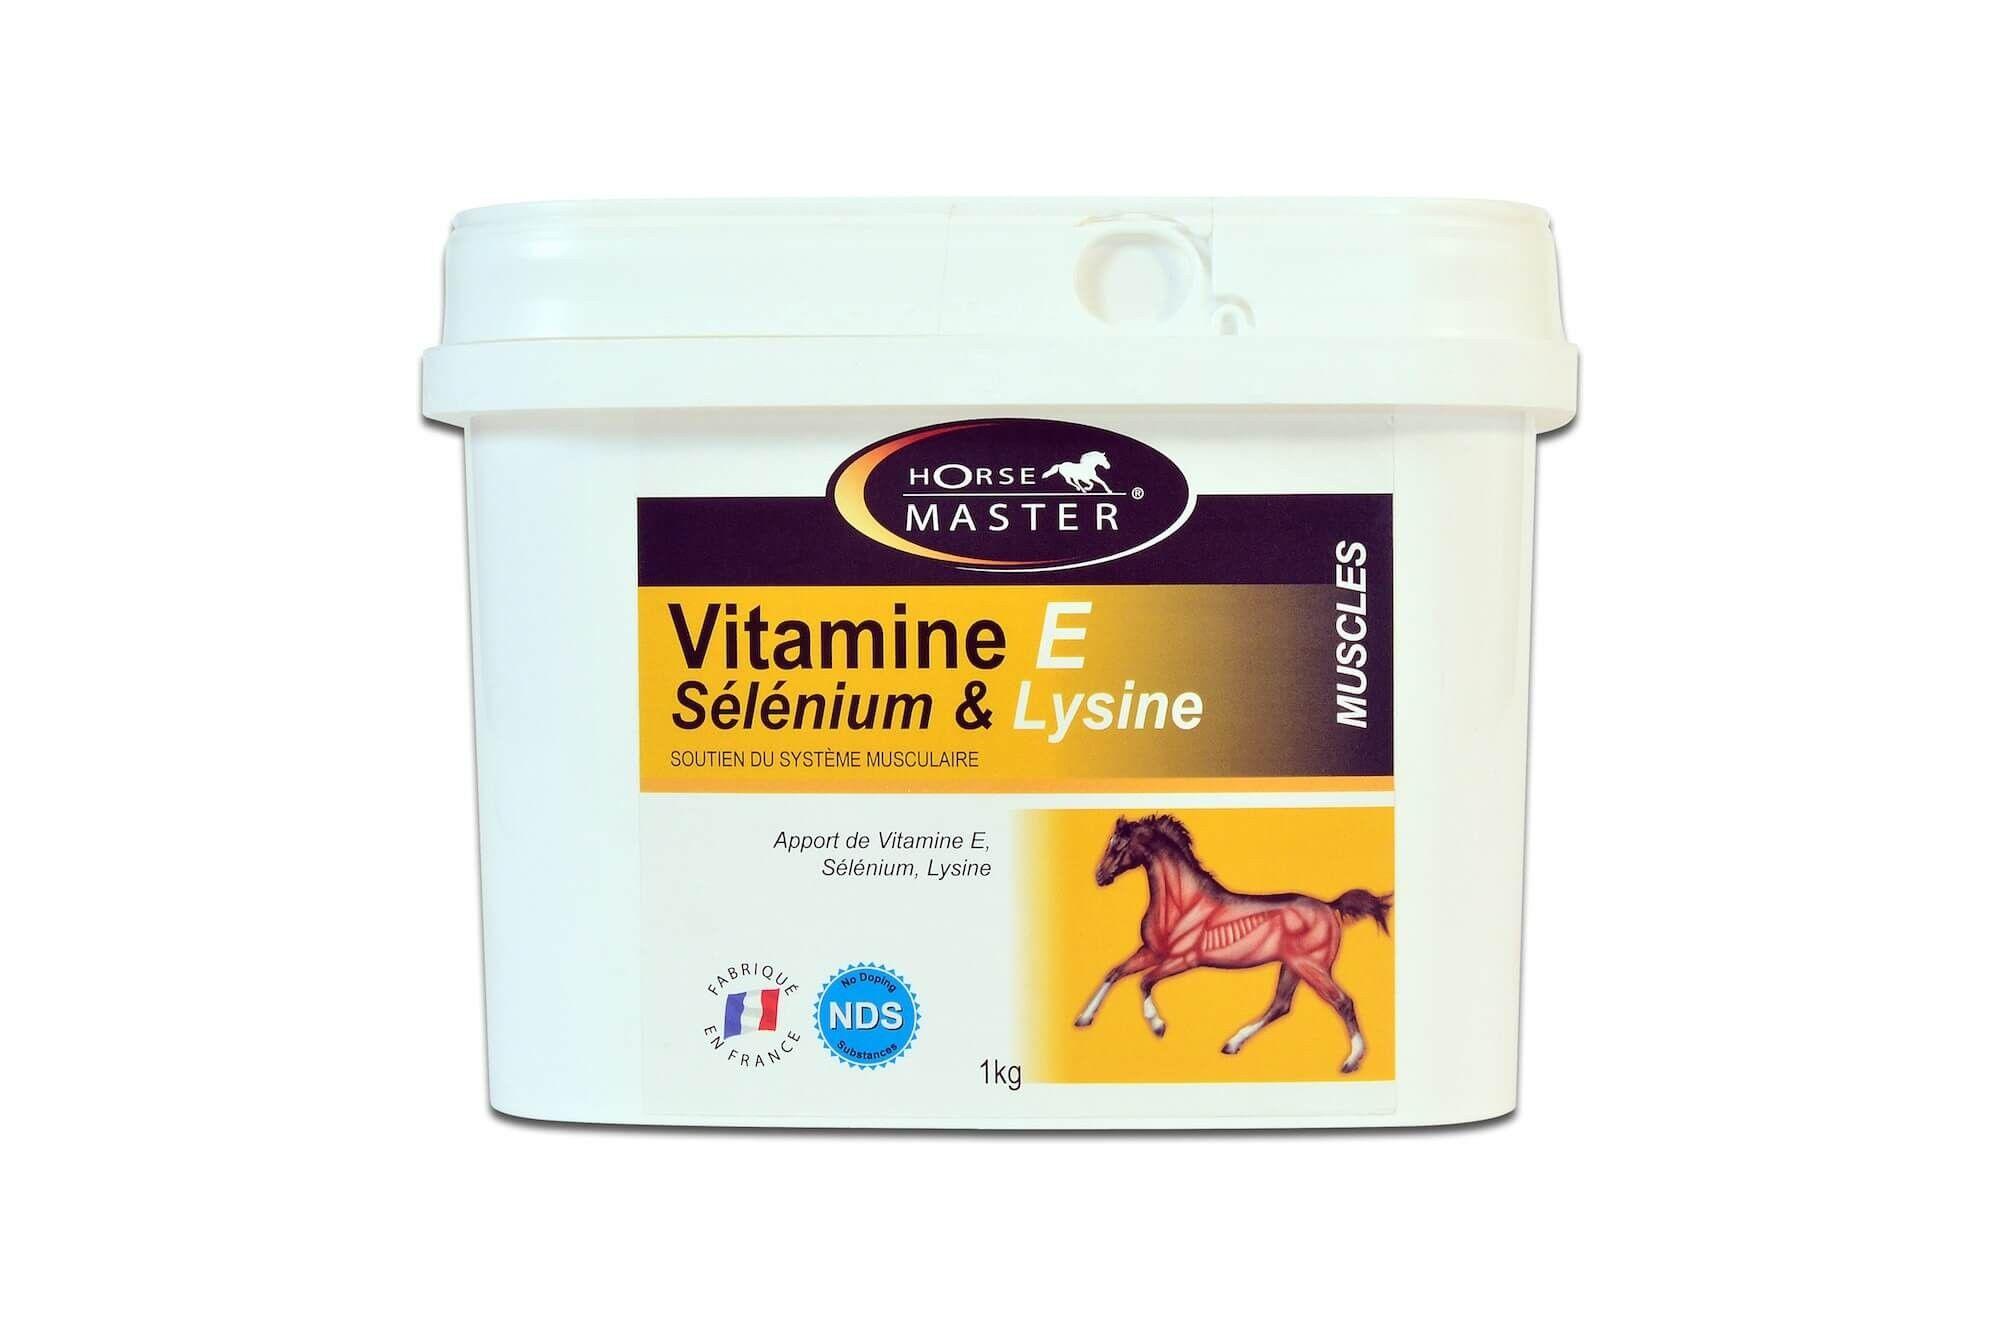 Horse Master Vitamine E - Sélénium & Lysine - Poudre 1 kg